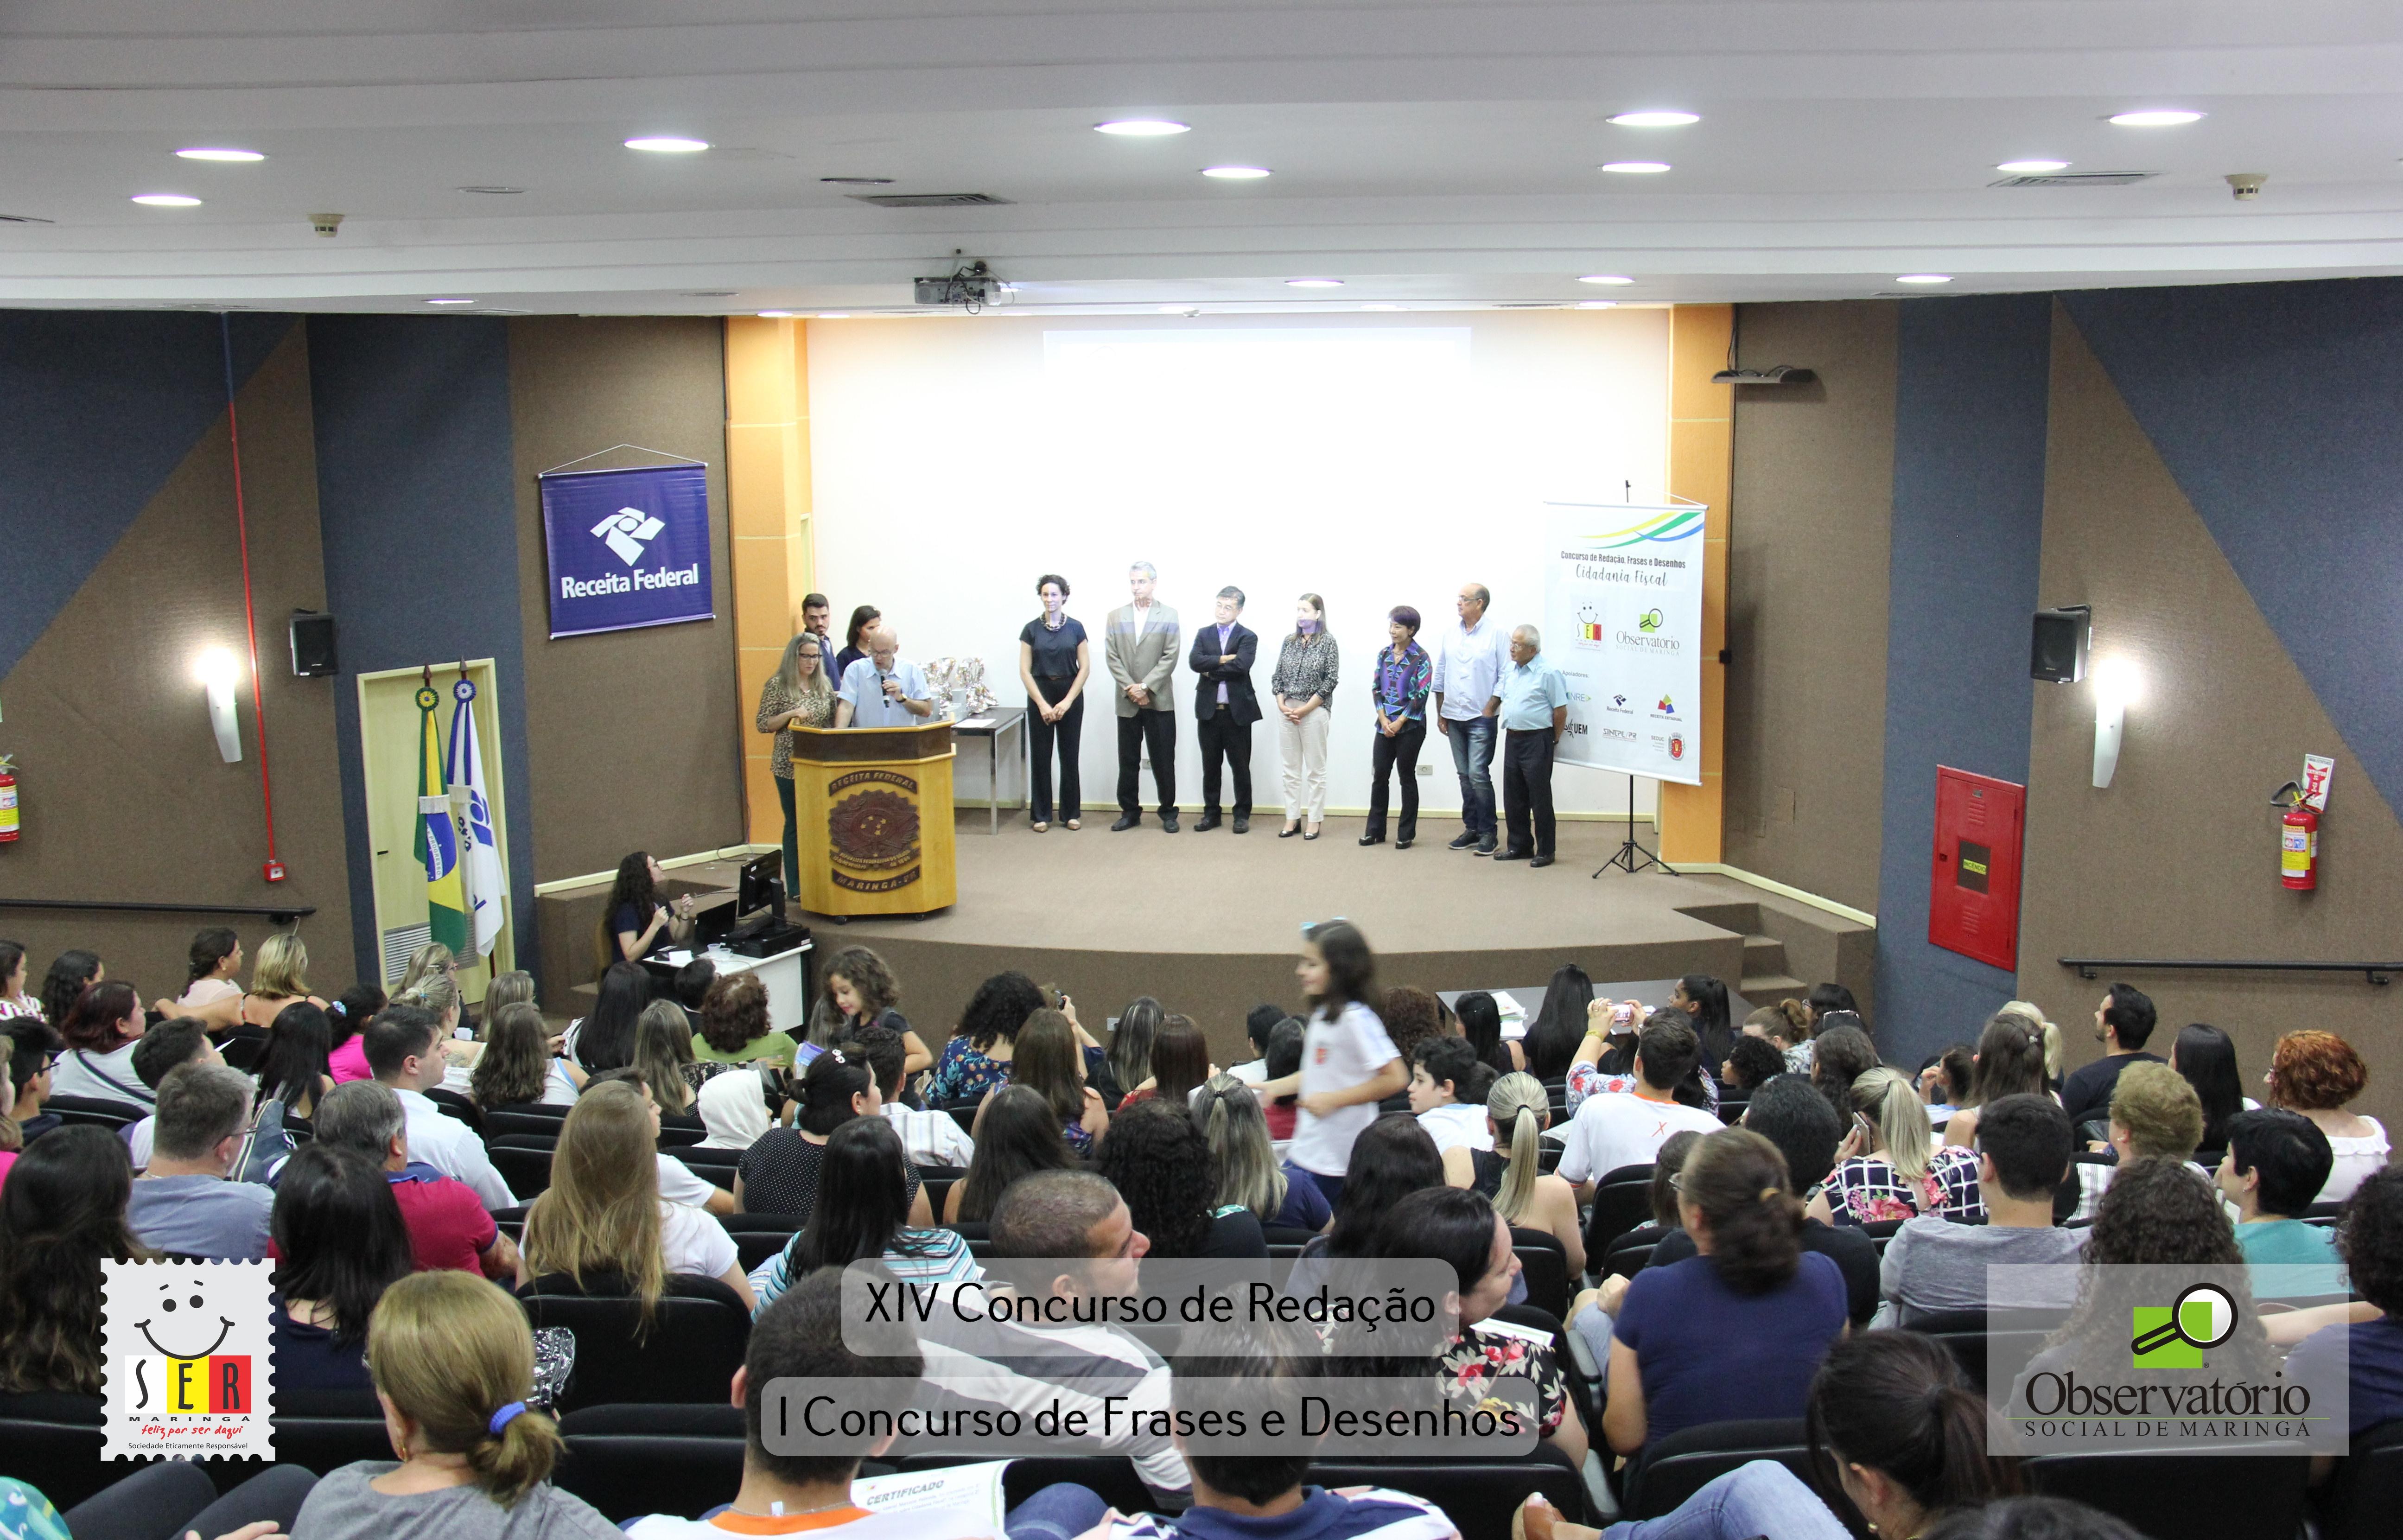 Premiação Do XIV Concurso De Redação E I Concurso De Frases E Desenhos 2018